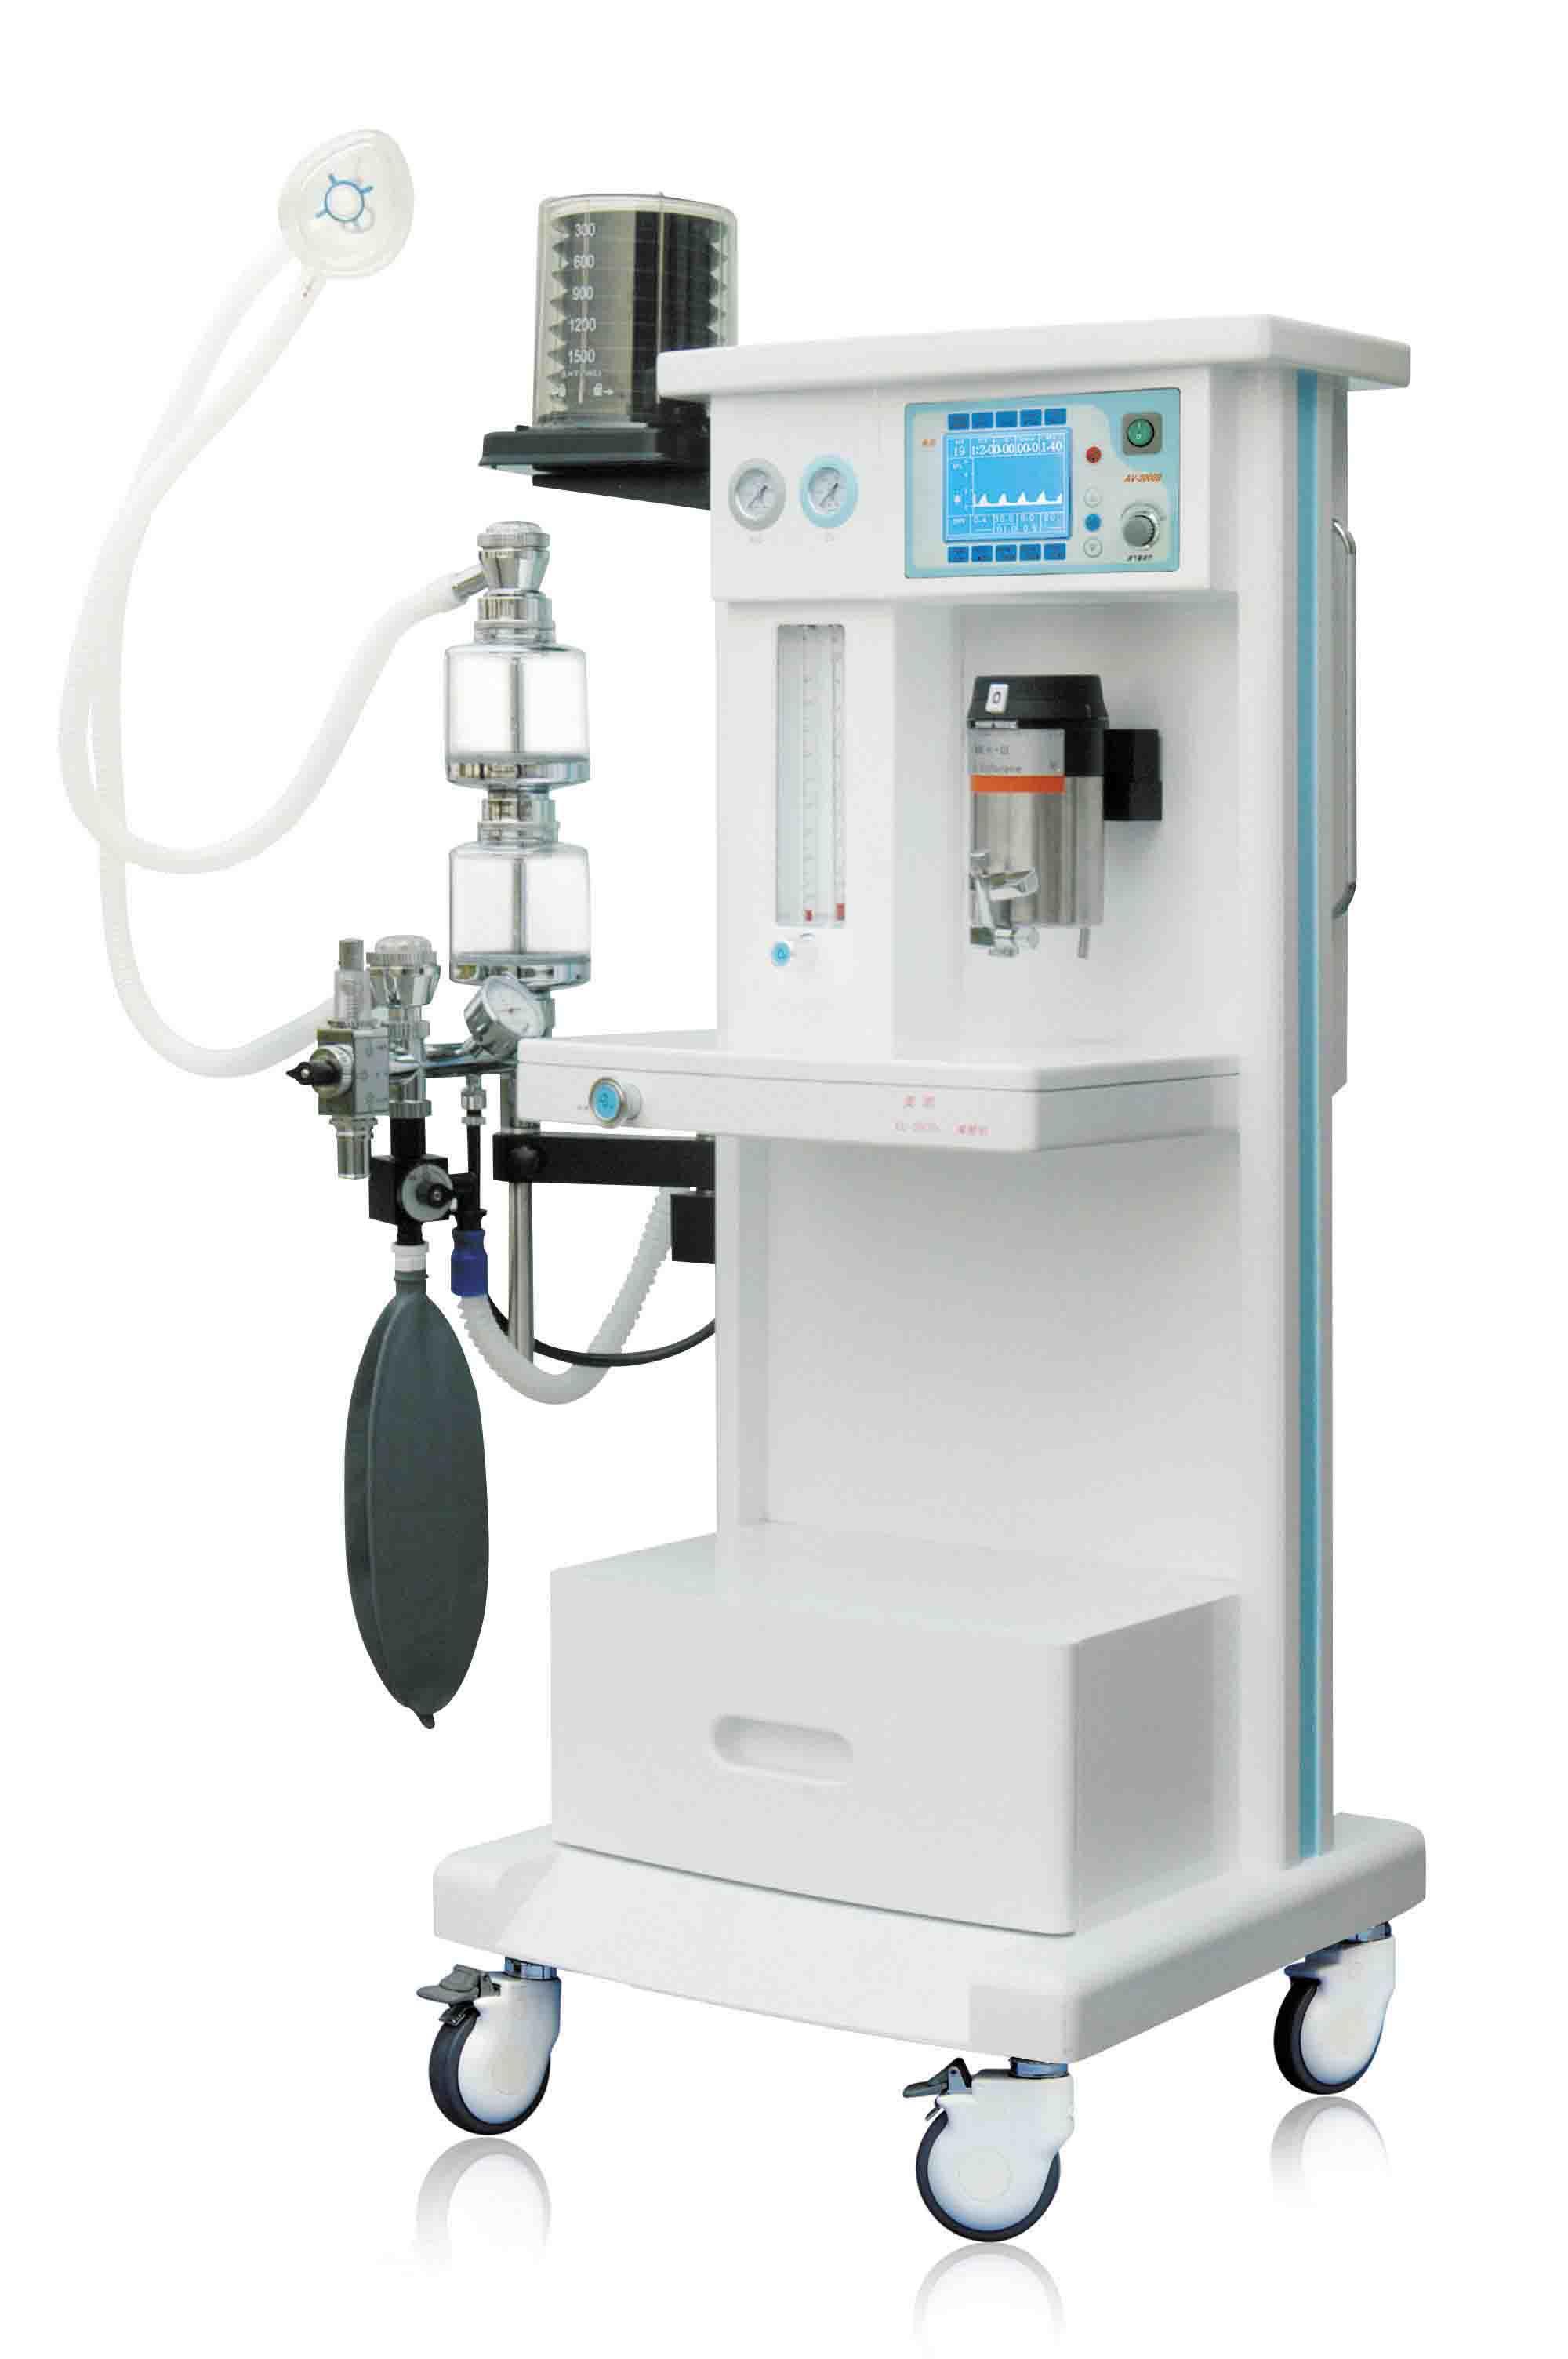 麻醉机,麻醉呼吸机,简易麻醉机,多功能麻醉机,全能麻醉机,国产麻醉机,进口麻醉机